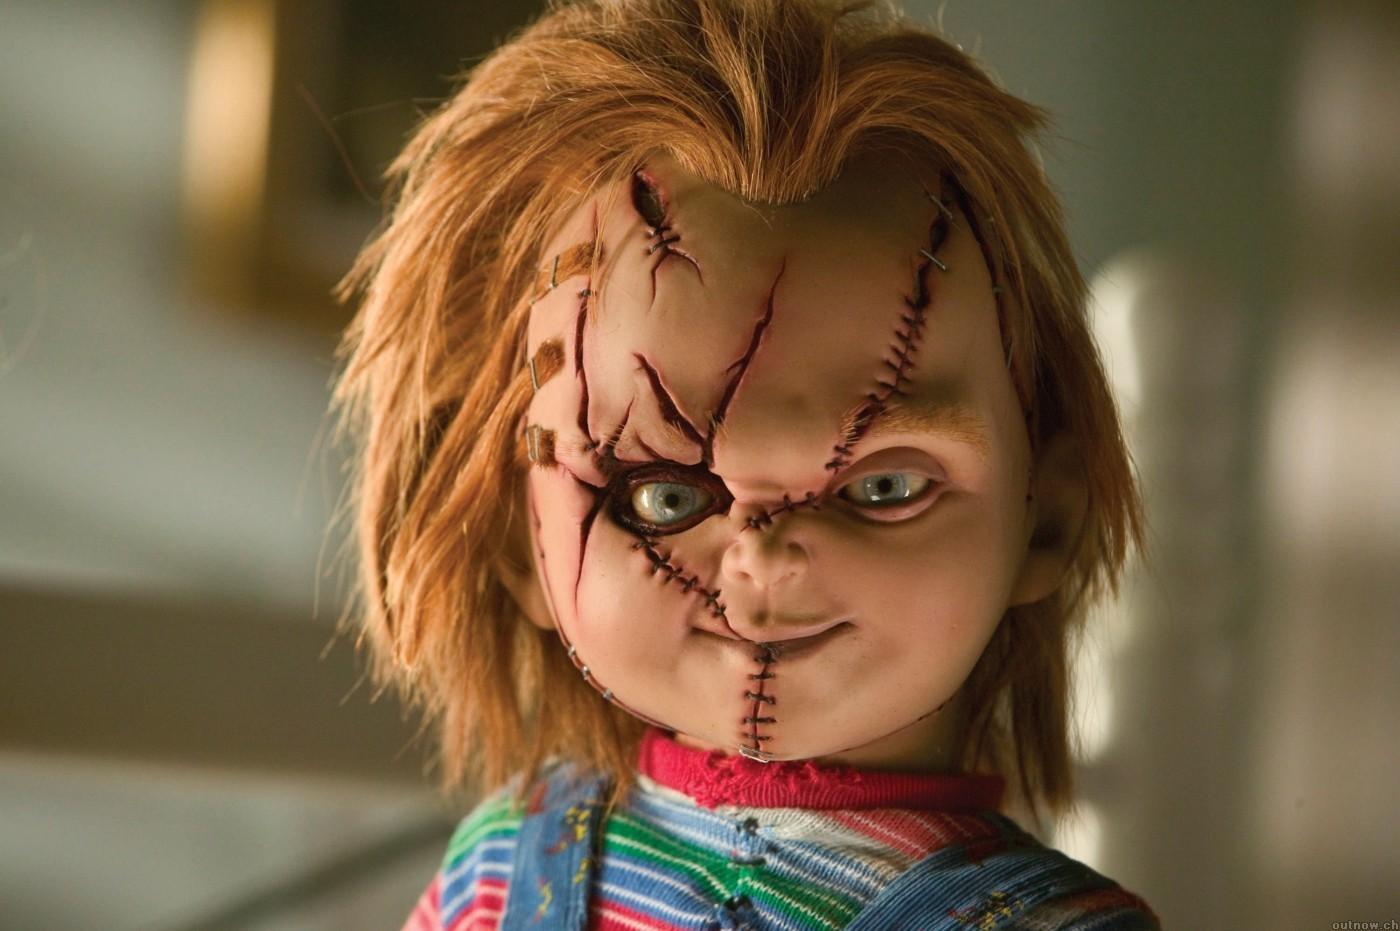 http://4.bp.blogspot.com/-GWfMd5GTvt4/T-oh3gijtuI/AAAAAAAAFfM/p90YneKOH08/s1600/childs-play-chucky-image.jpg